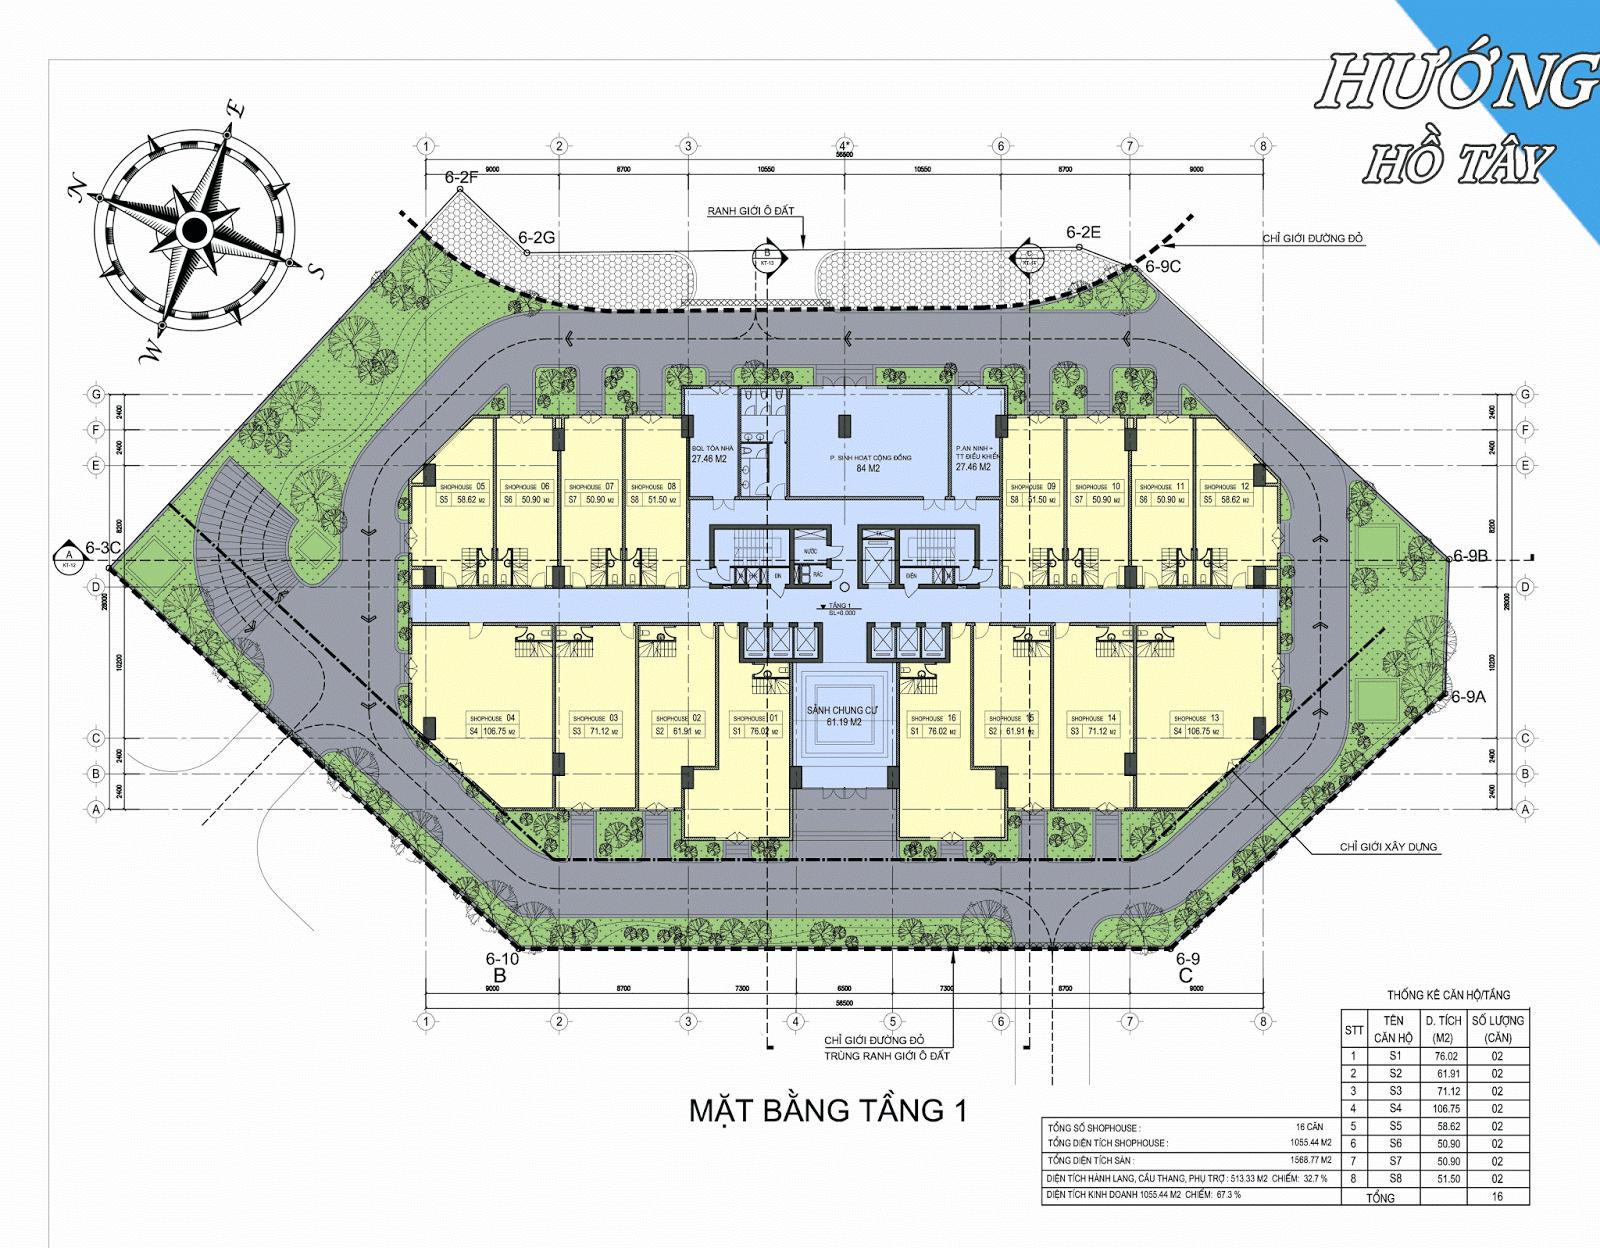 Mặt bằng tầng 1 dự án chung cư D'eldorado Phú Thanh.